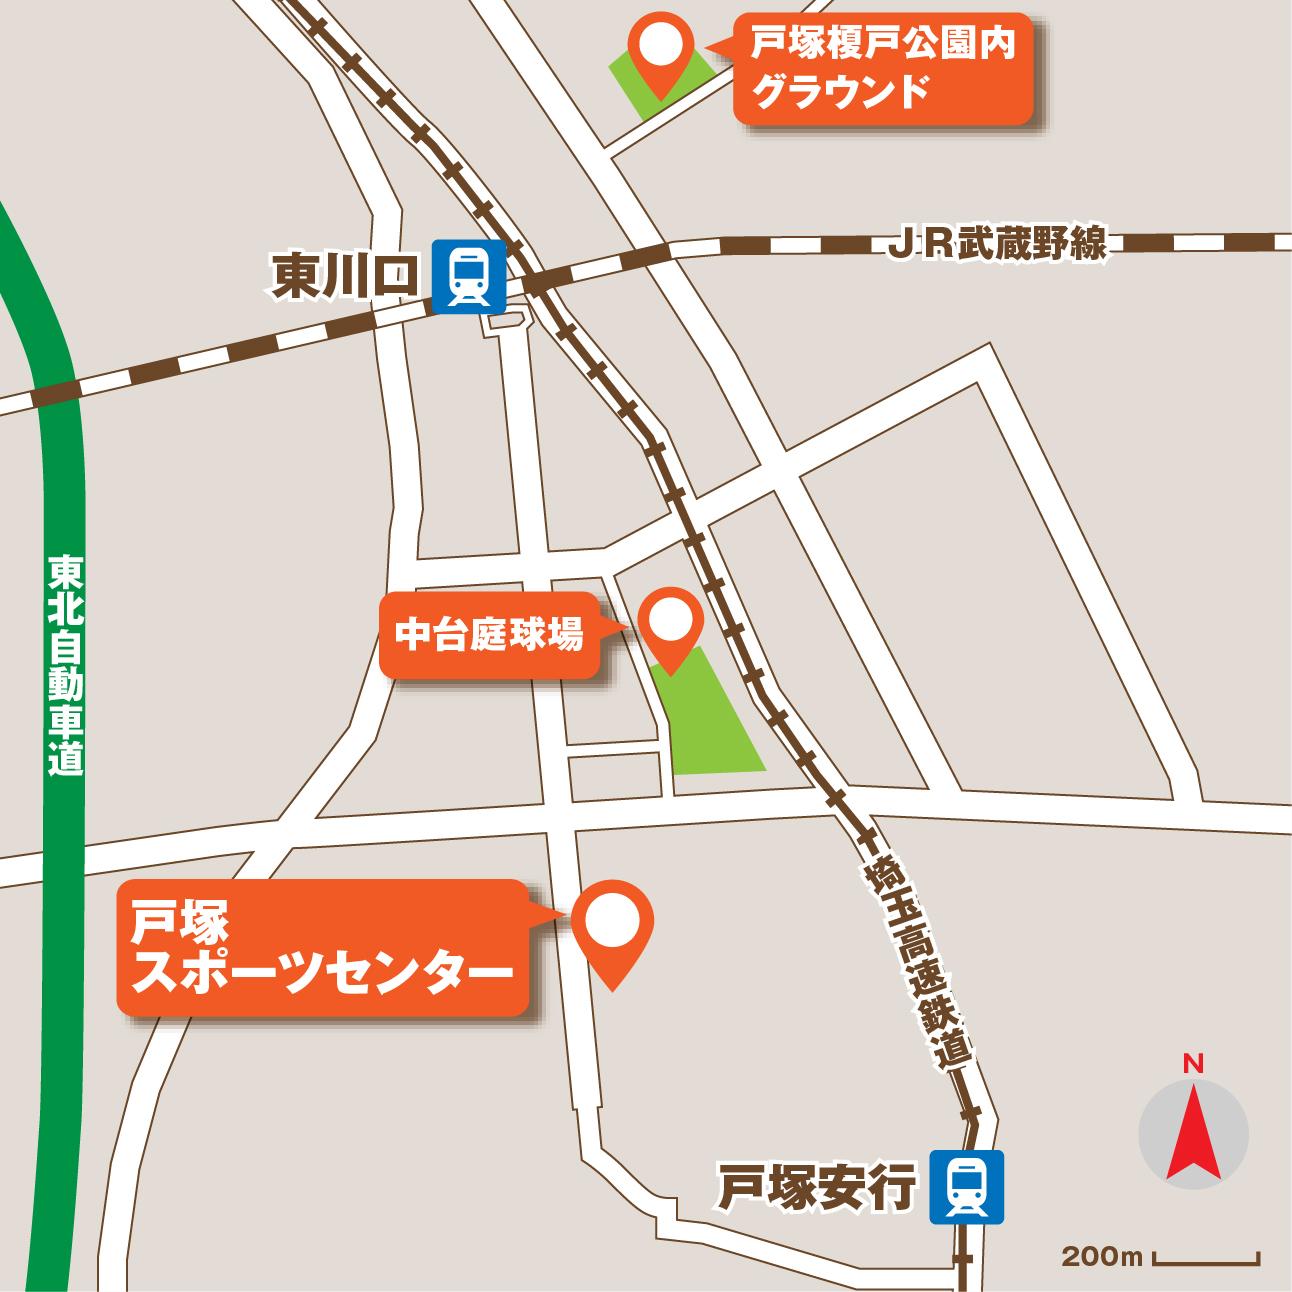 川口市戸塚スポーツセンターアクセスマップ